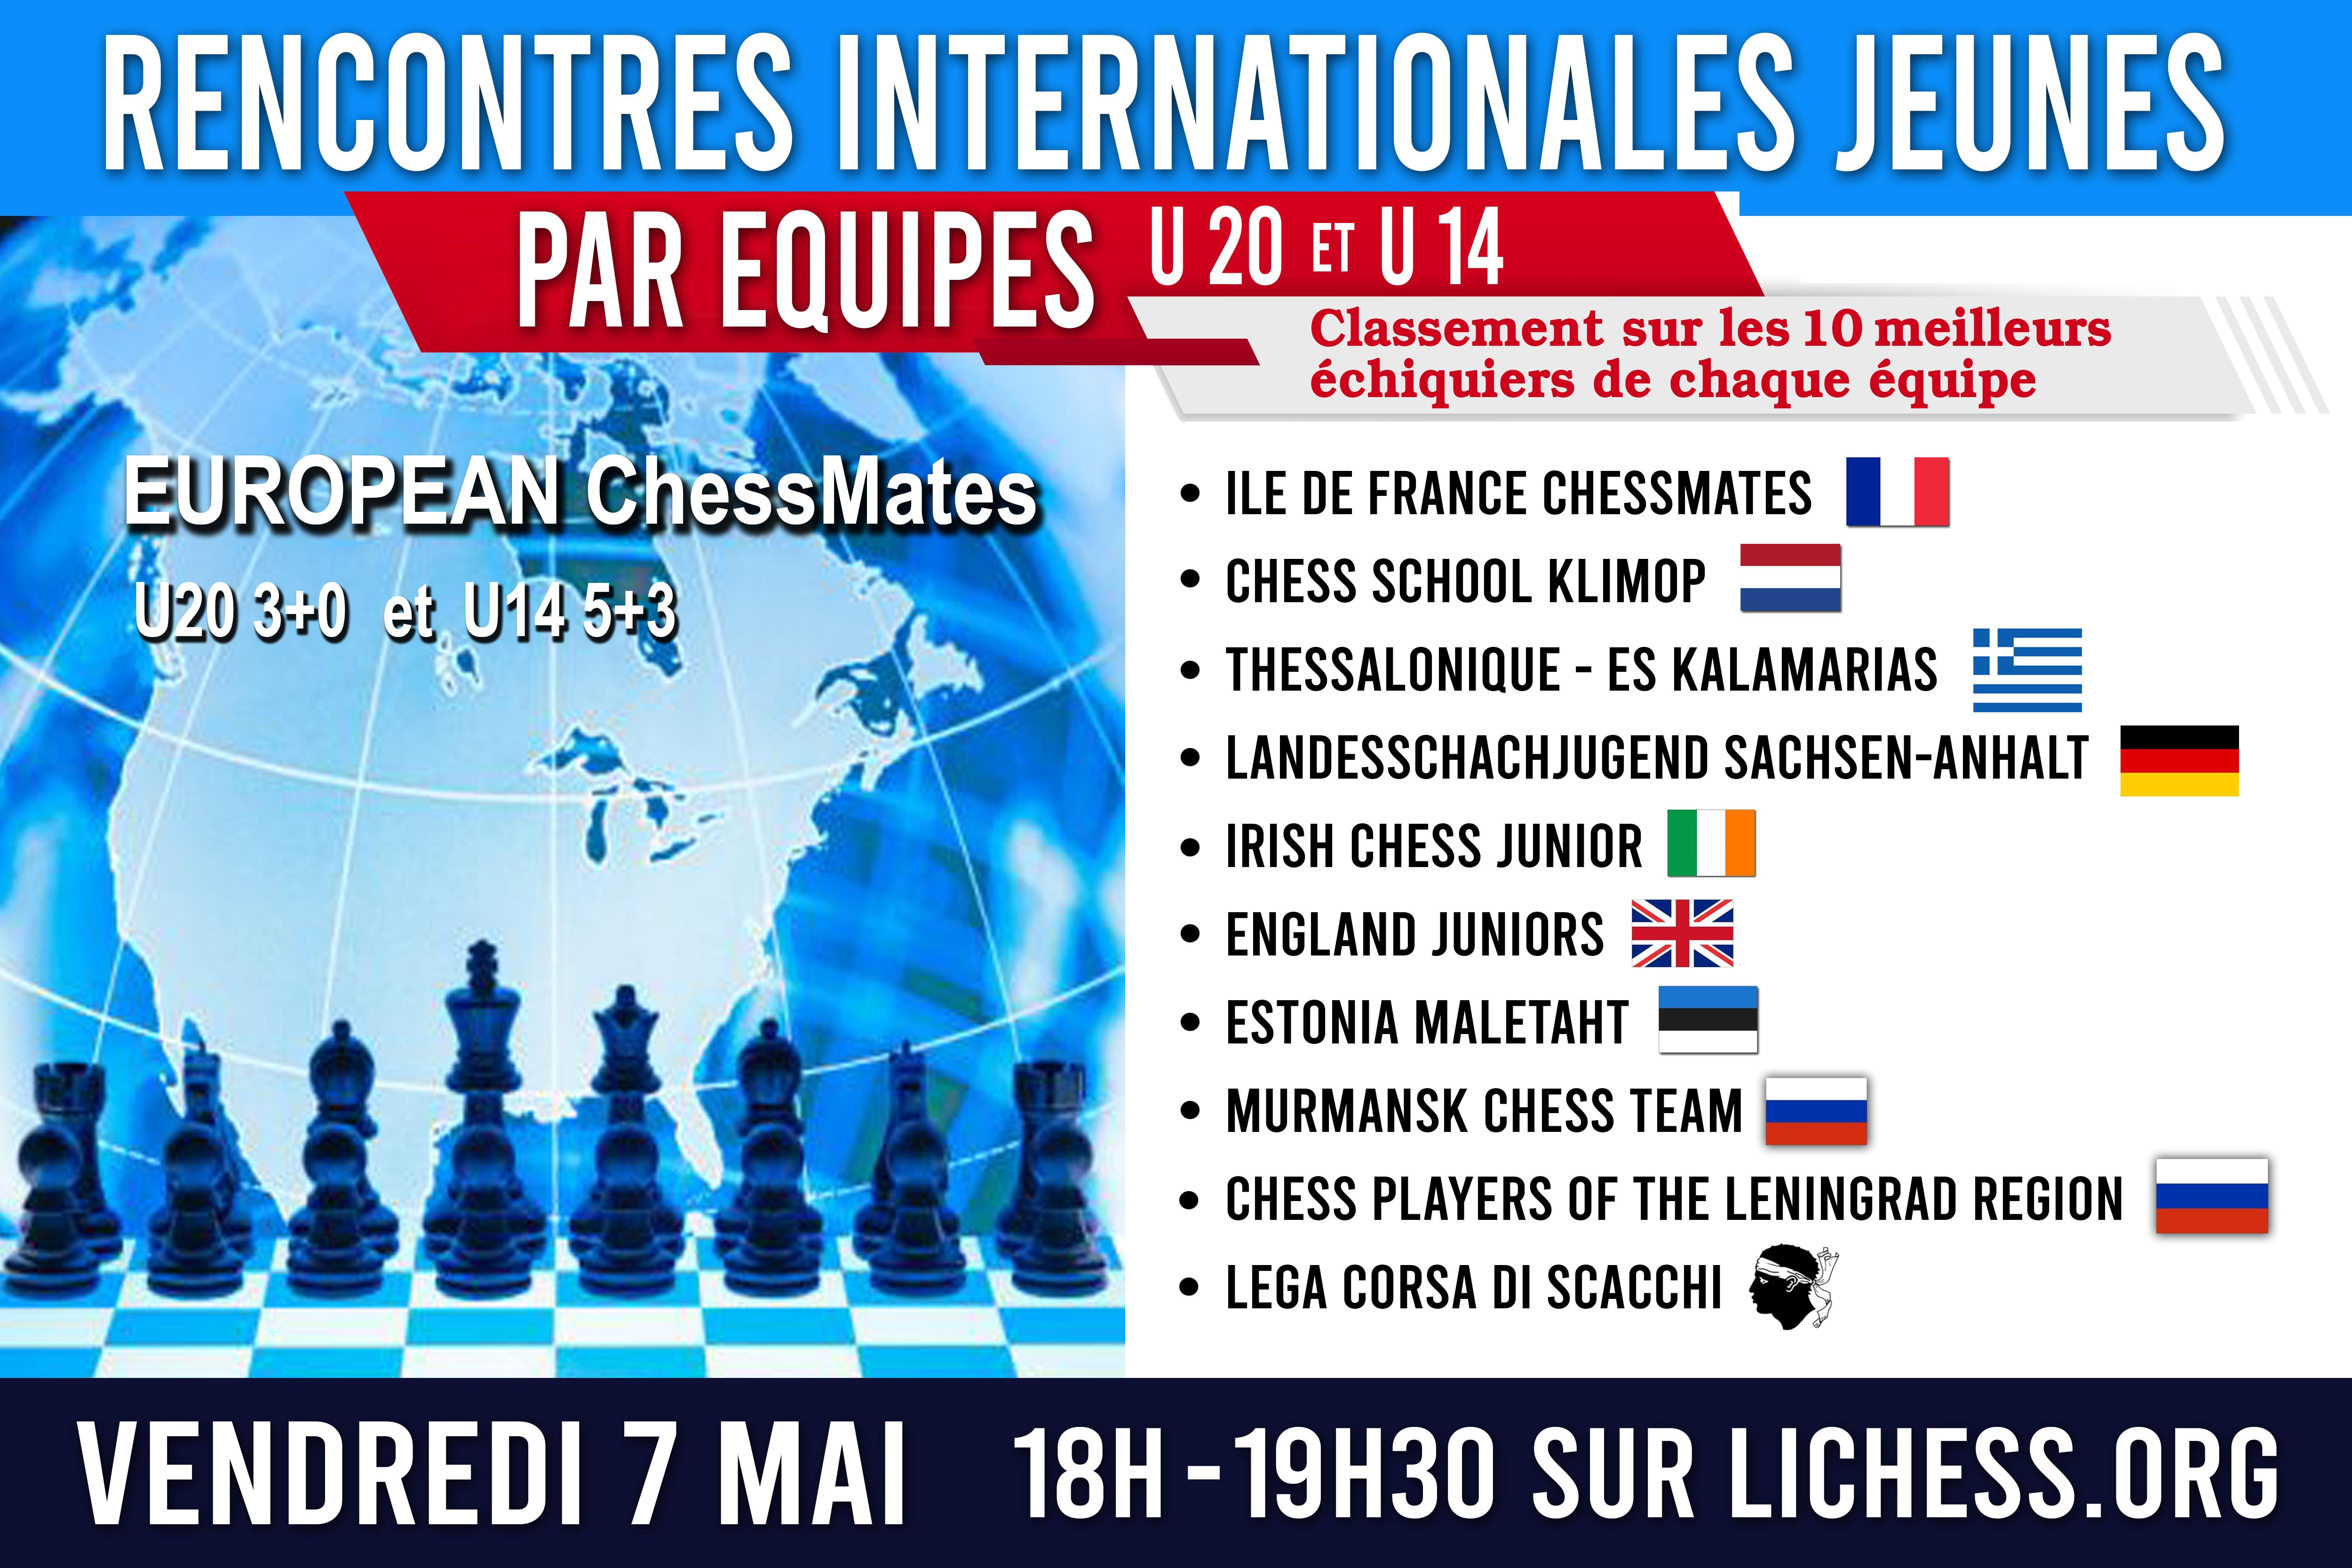 European Chessmates U20 et U14 ce vendredi 7 mai à 18h !